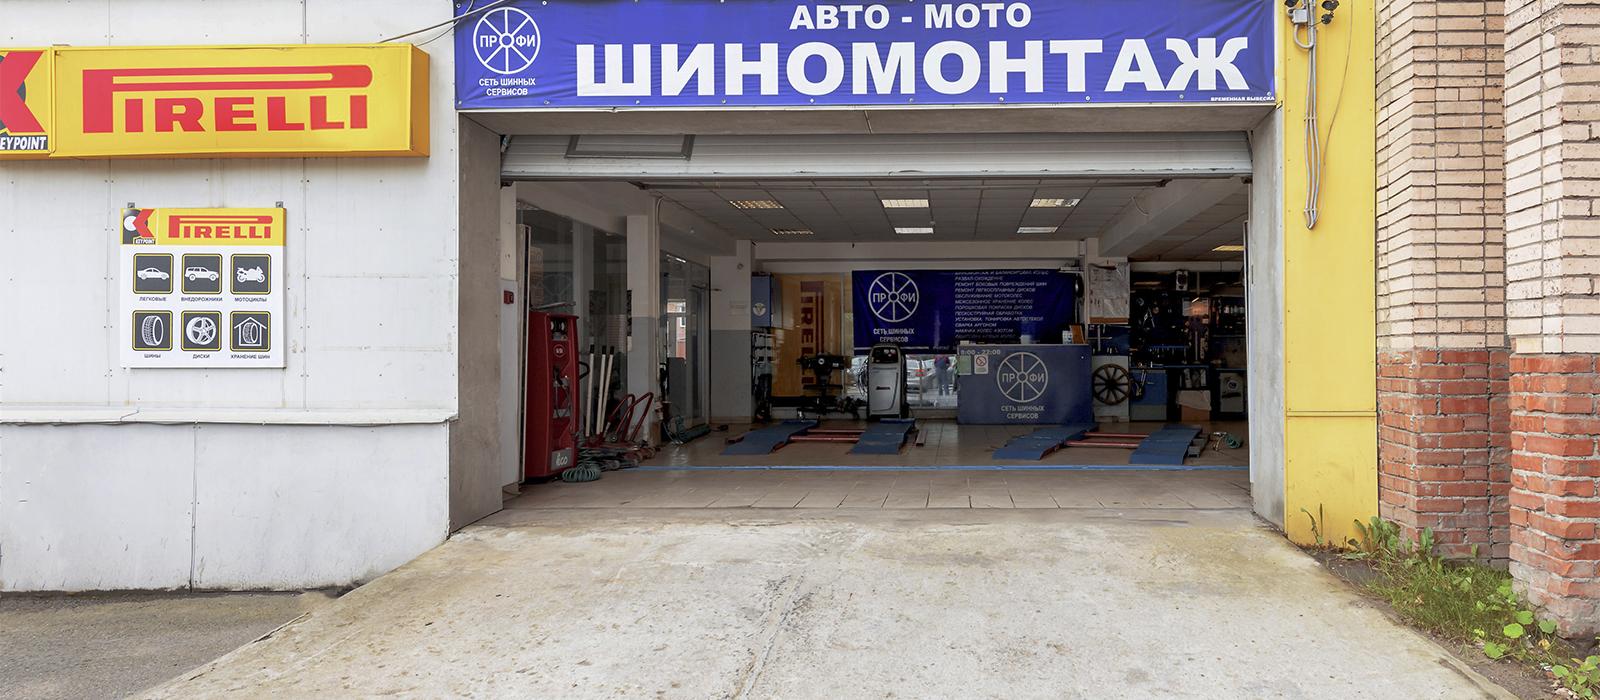 Шиномонтаж в Кировском районе